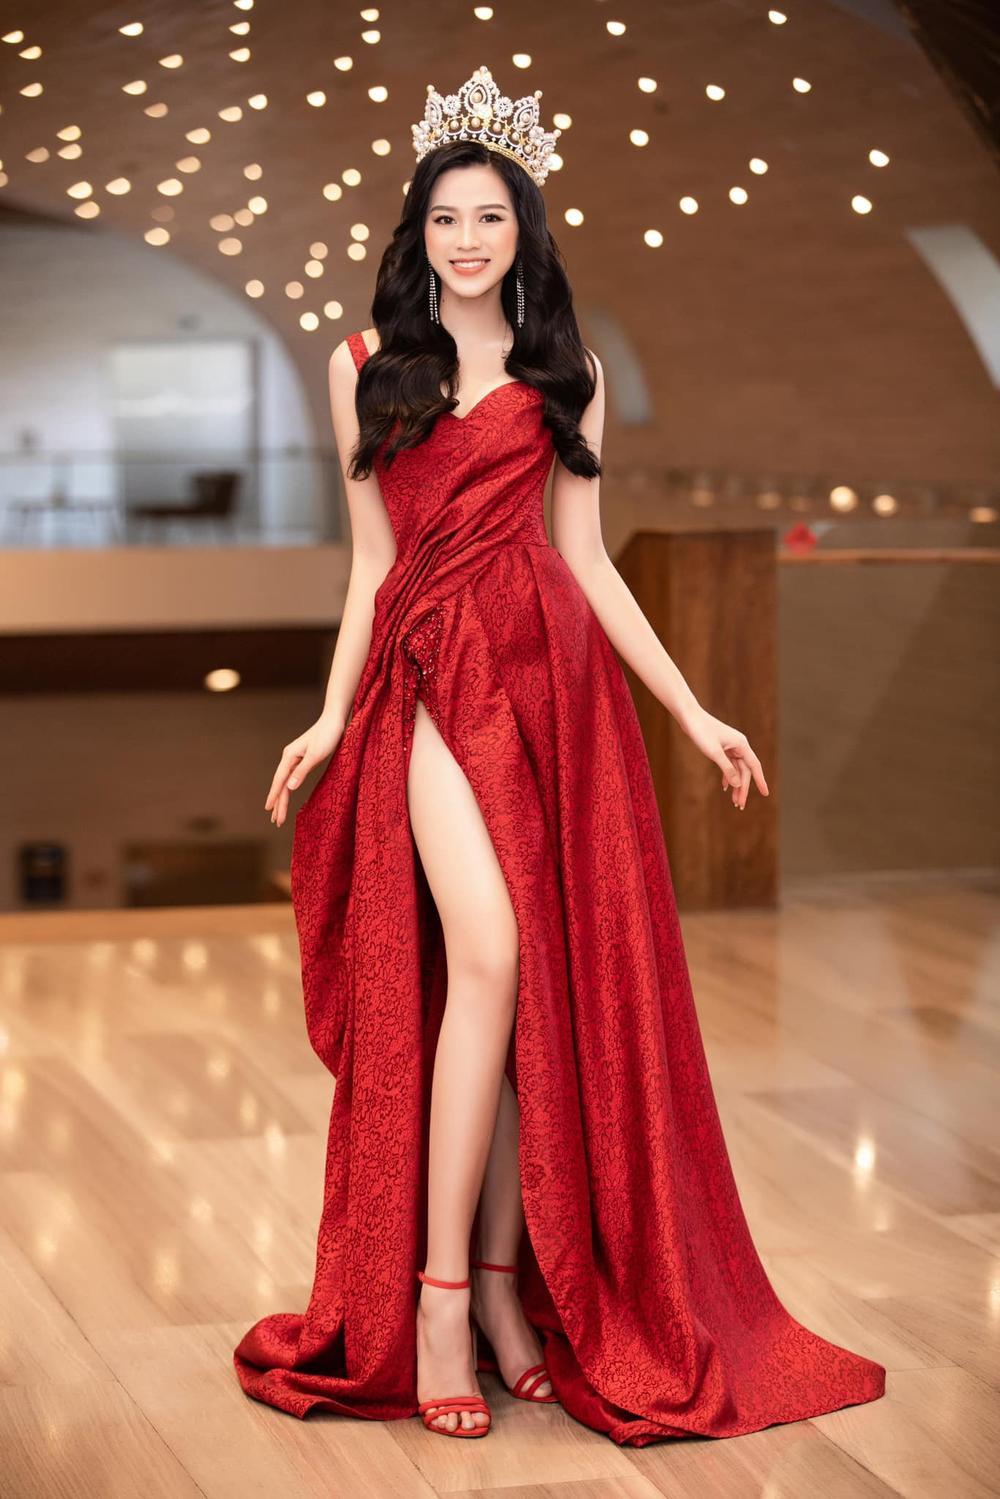 Đỗ Thị Hà bao phen khiến fan chao đảo vì váy xẻ cao ngút ngàn, khoe đôi chân cực phẩm 1m1 Ảnh 3